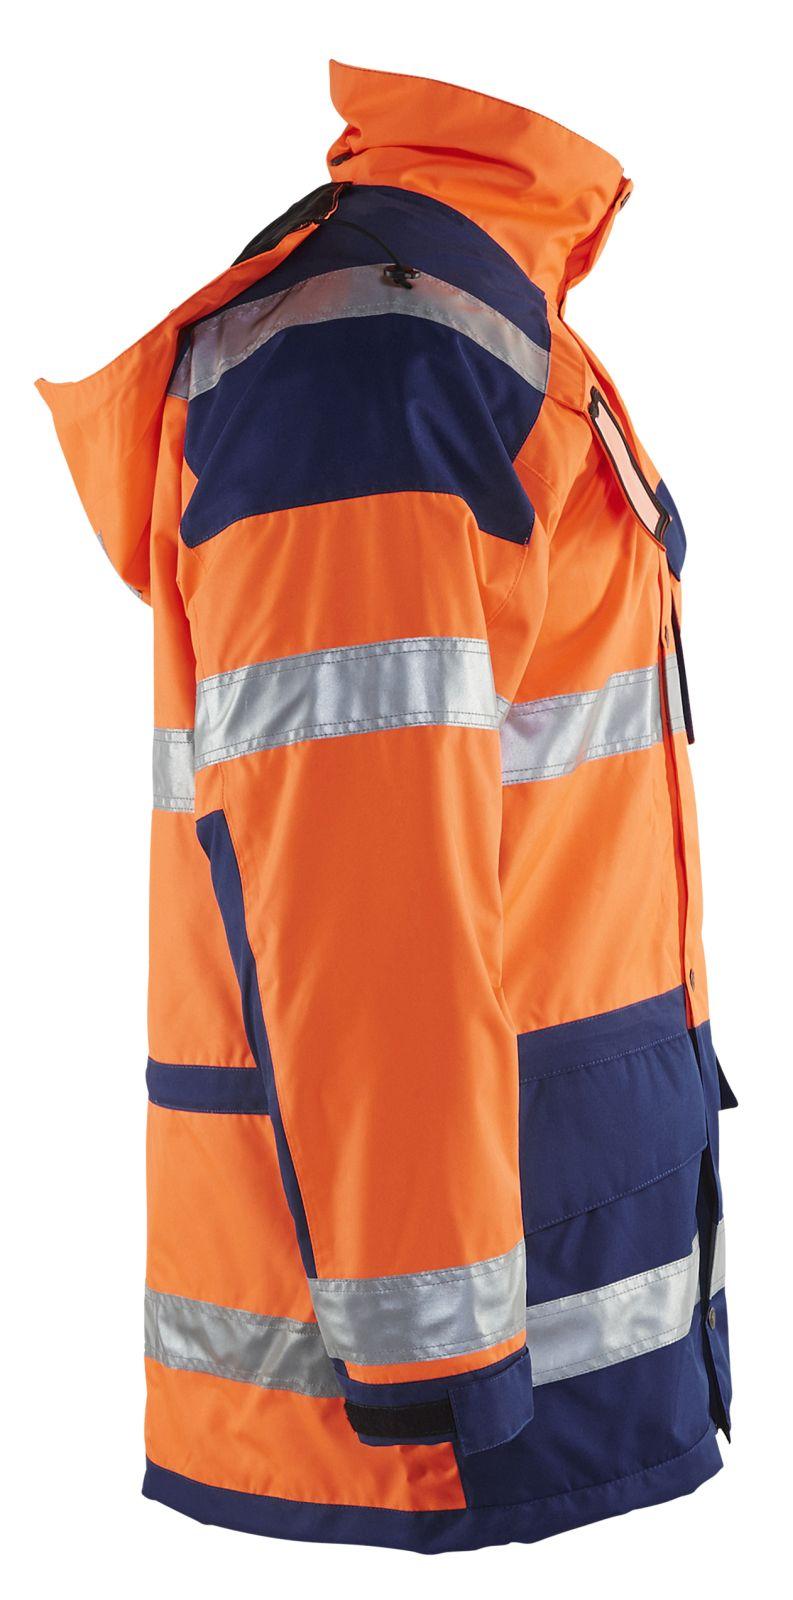 Blaklader Jassen 44261997 High Vis oranje-marineblauw(5389)